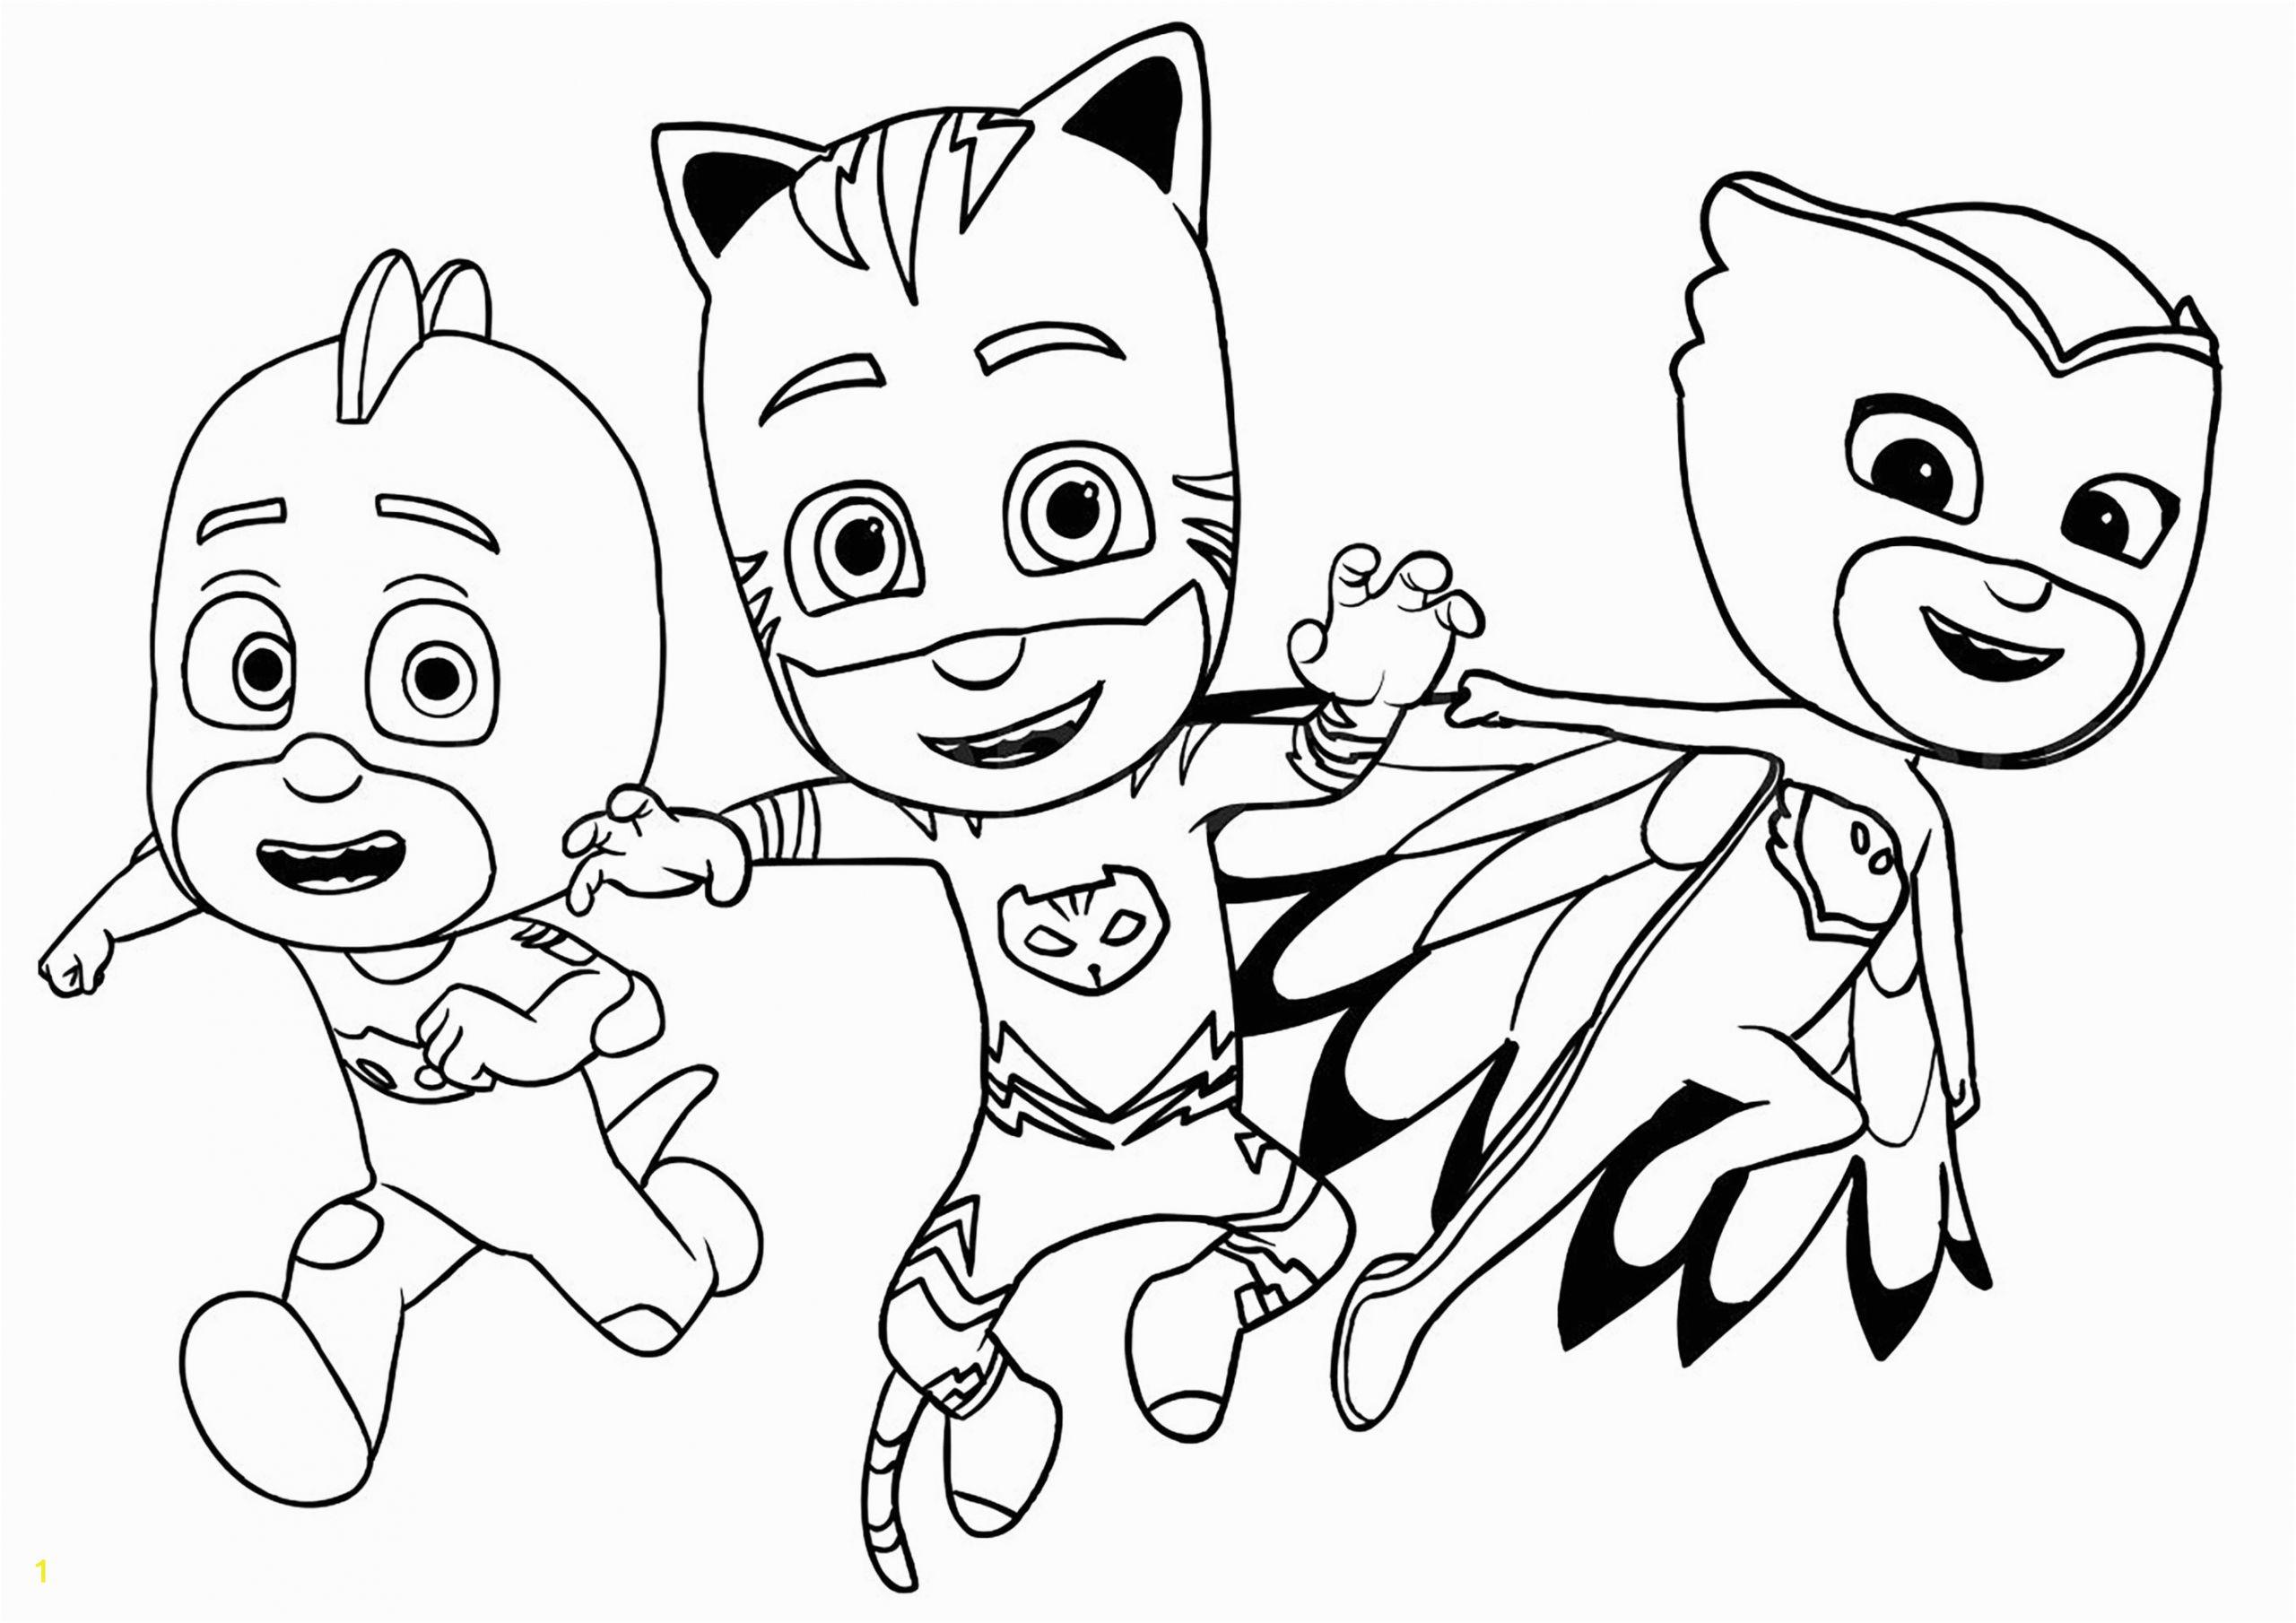 pj masks image=pj masks coloring pages for children pj masks 1